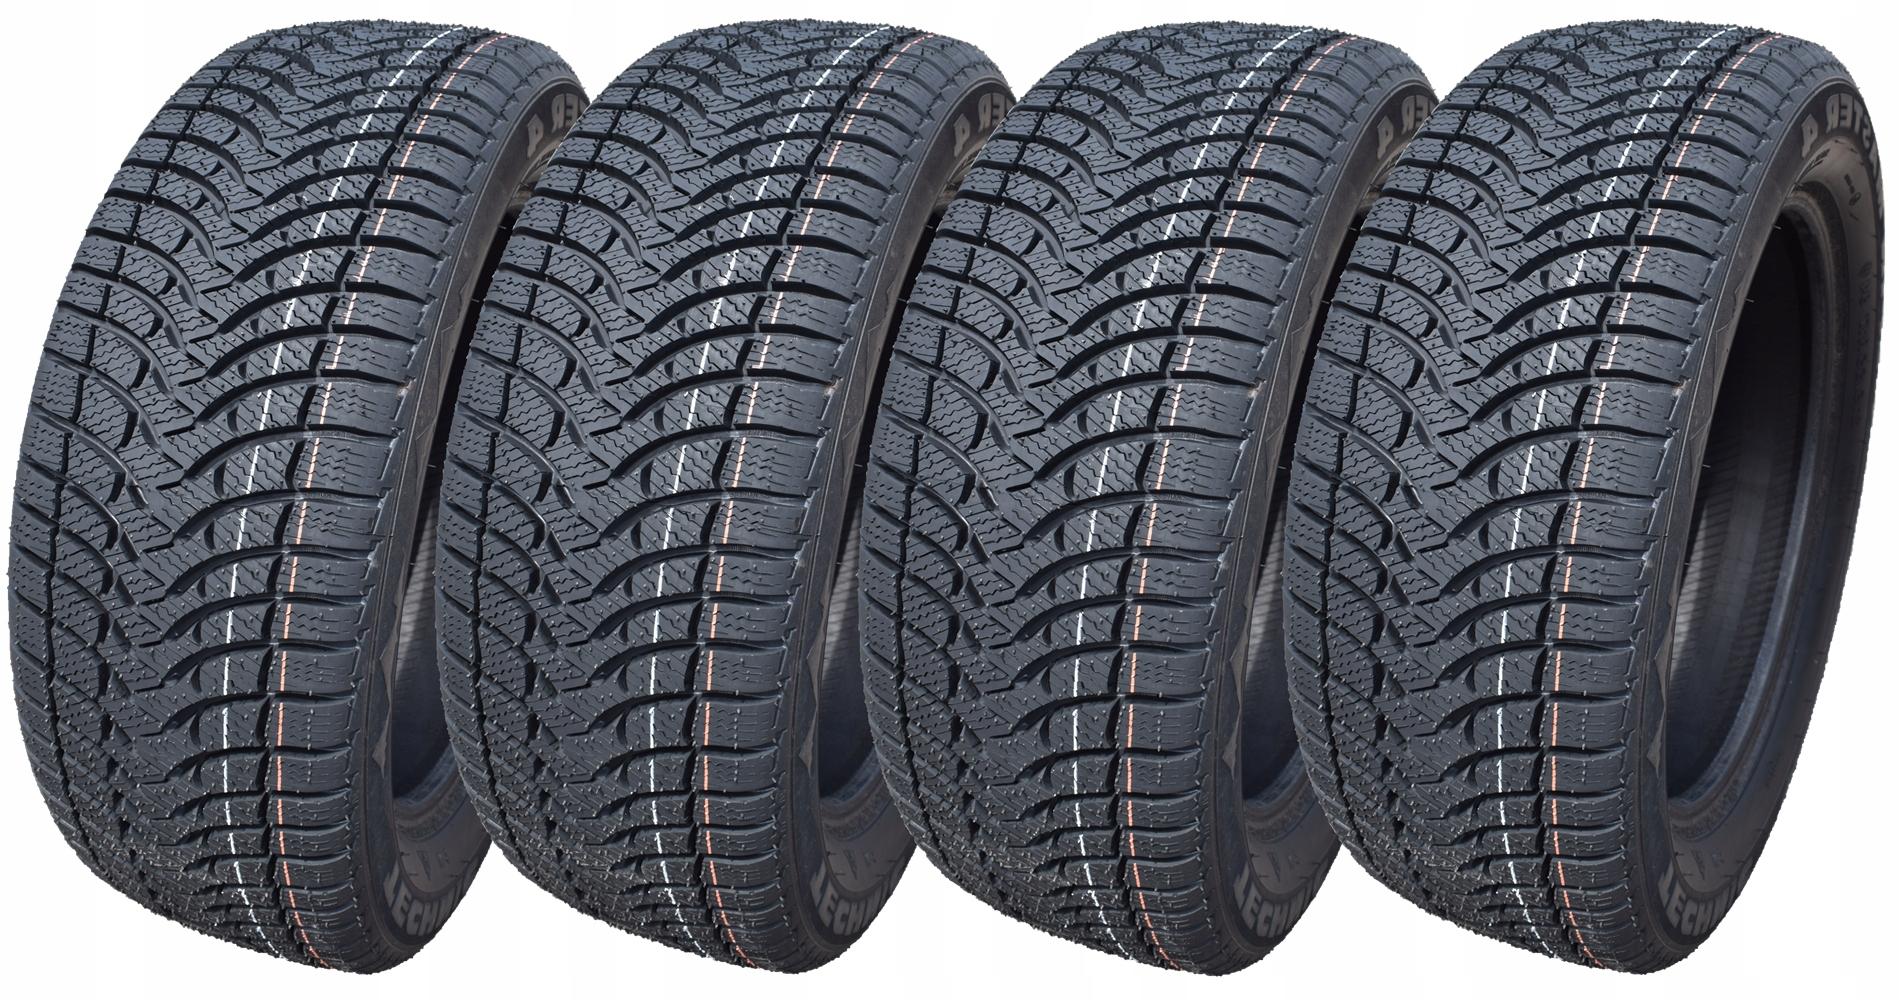 4x 205/55r16 новое шины дорожка  зимние alp4